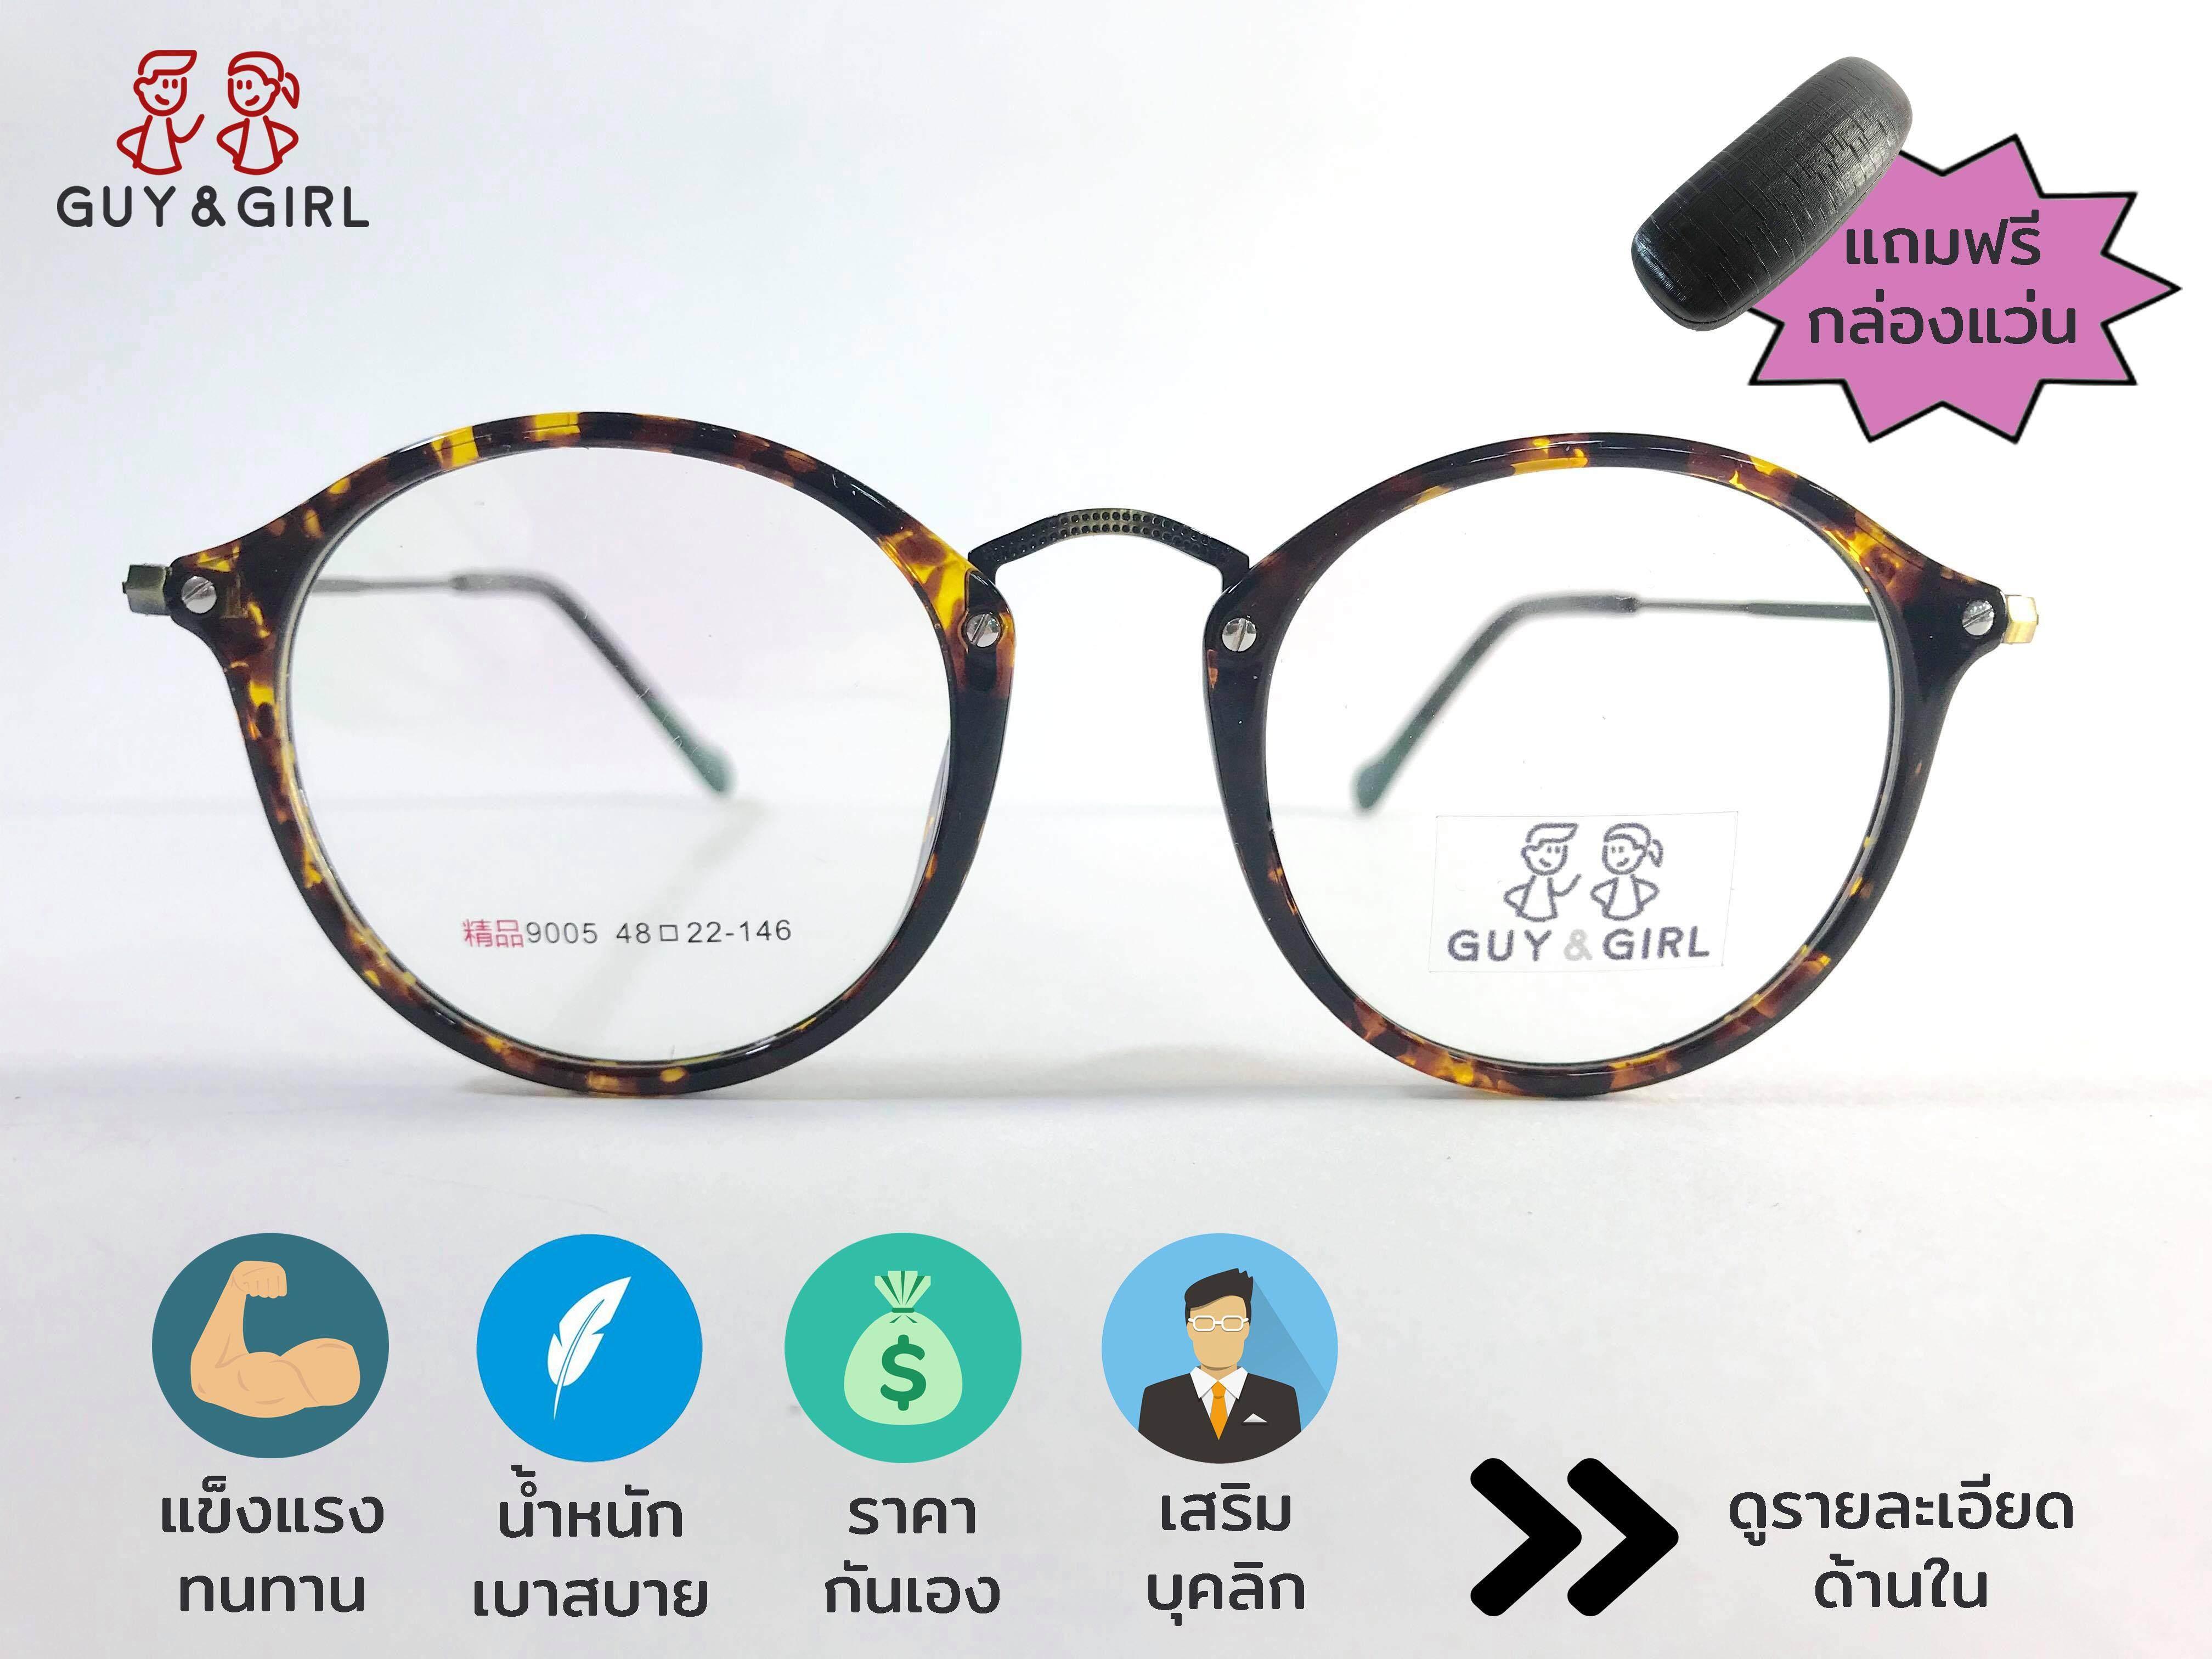 กรอบแว่นตาโลหะผสมพลาสติกทรงหยดน้ำยี่ห้อ Guy &girl รุ่น Gg9005 By Lol Glasses.